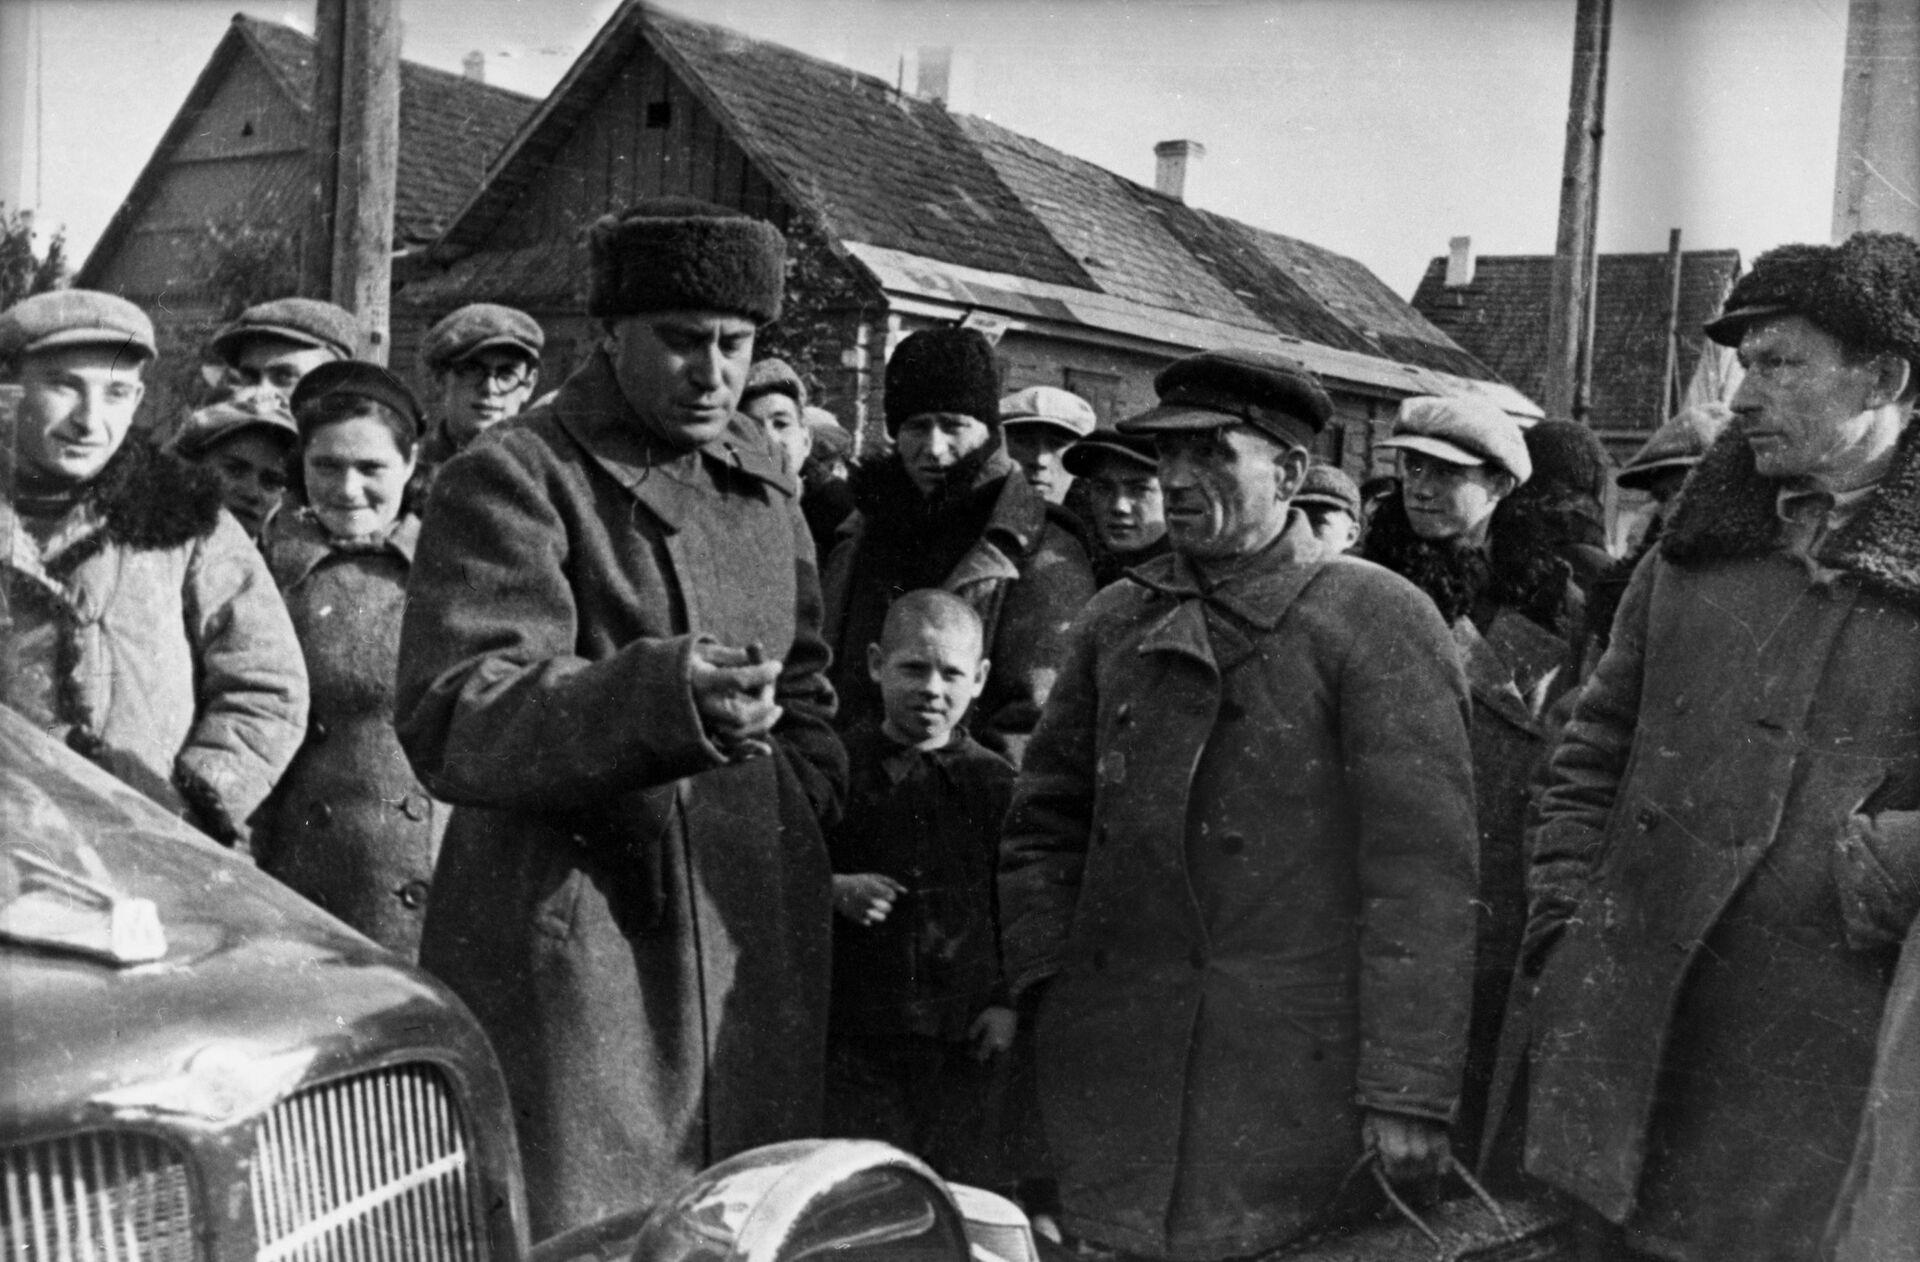 Писатель Валентин Катаев, служивший в этих местах, беседует с жителями города Сморгонь, 1939 год - Sputnik Беларусь, 1920, 17.09.2021